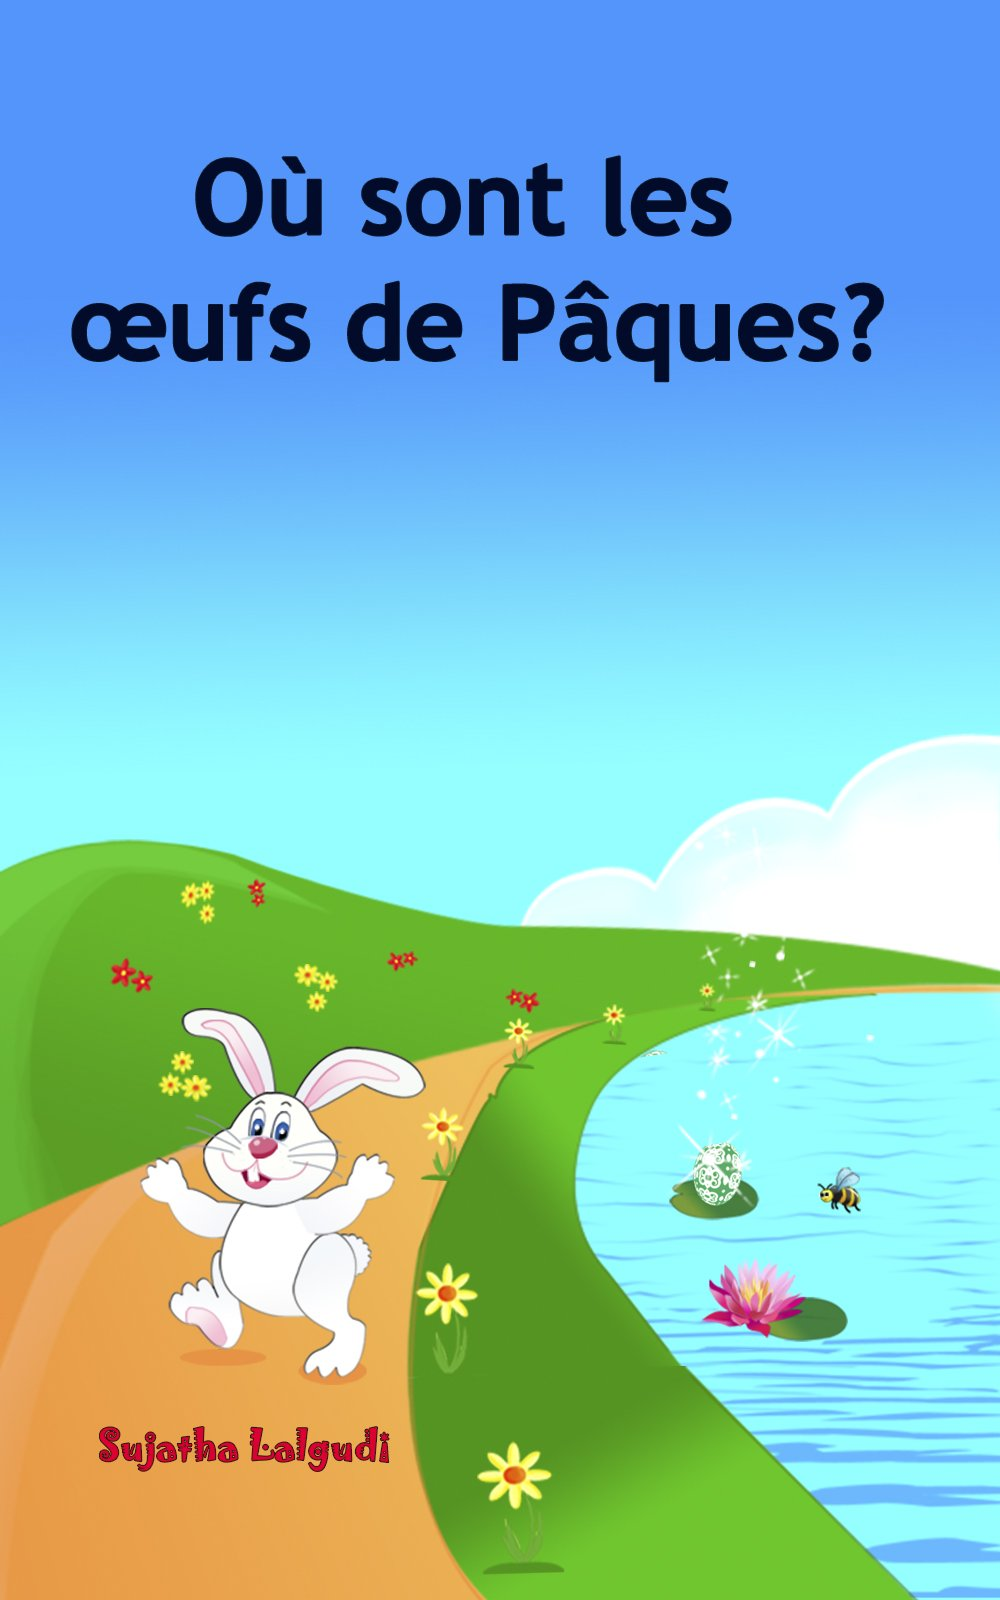 Livre Paques: Où sont les œufs de Pâques?: Livre lapin de paques (pâques enfant), le lapin de paques (pâques bébé) Childrens French book, ... (Livres d'images pour les enfants t. 10) por Sujatha Lalgudi